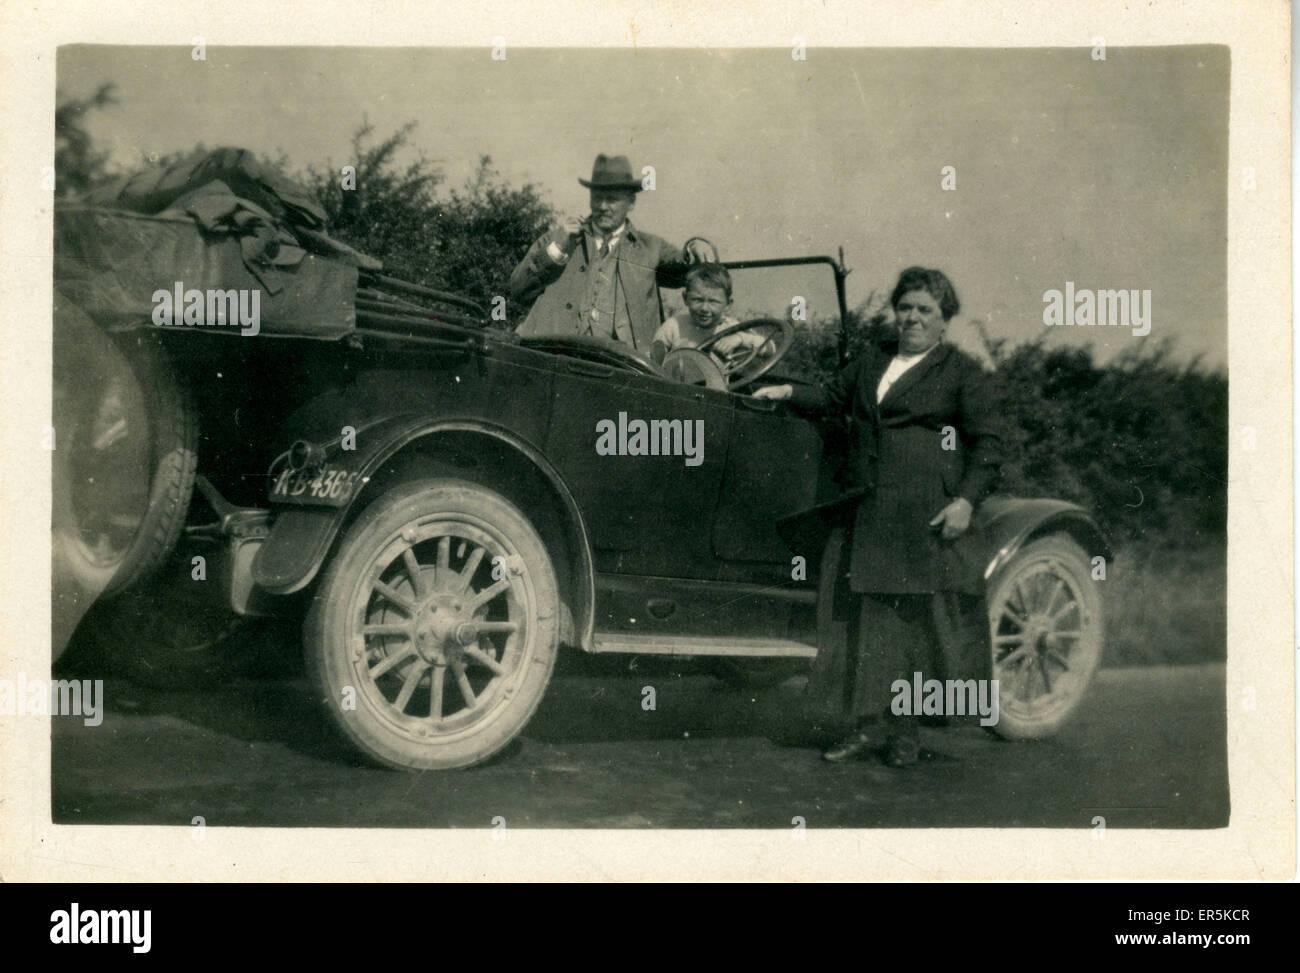 1920s Car Stock Photos & 1920s Car Stock Images - Alamy